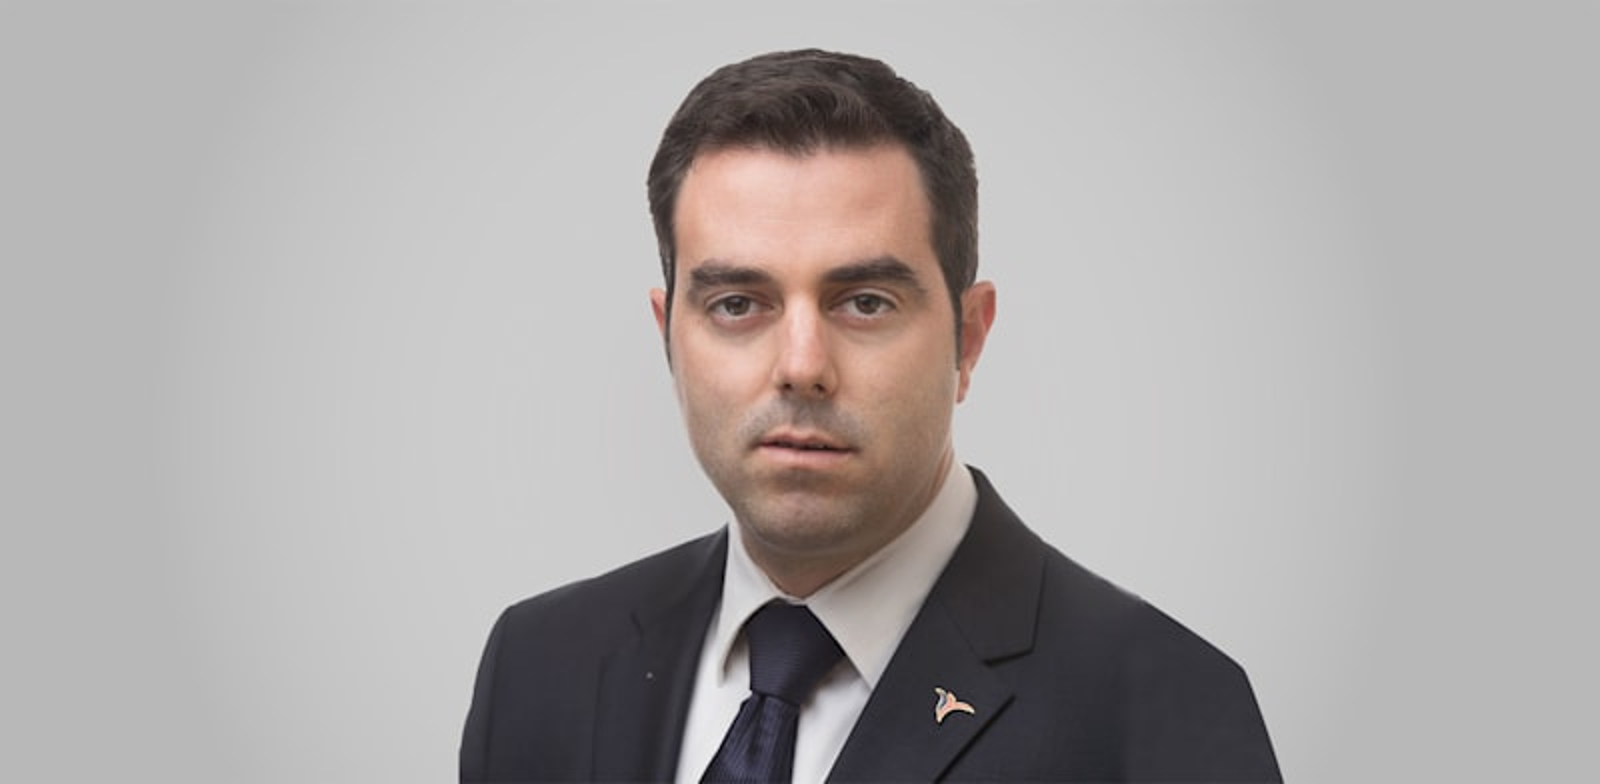 """אורי קיסוס, מנכ""""ל הגמל המיועד / צילום: יח""""צ"""